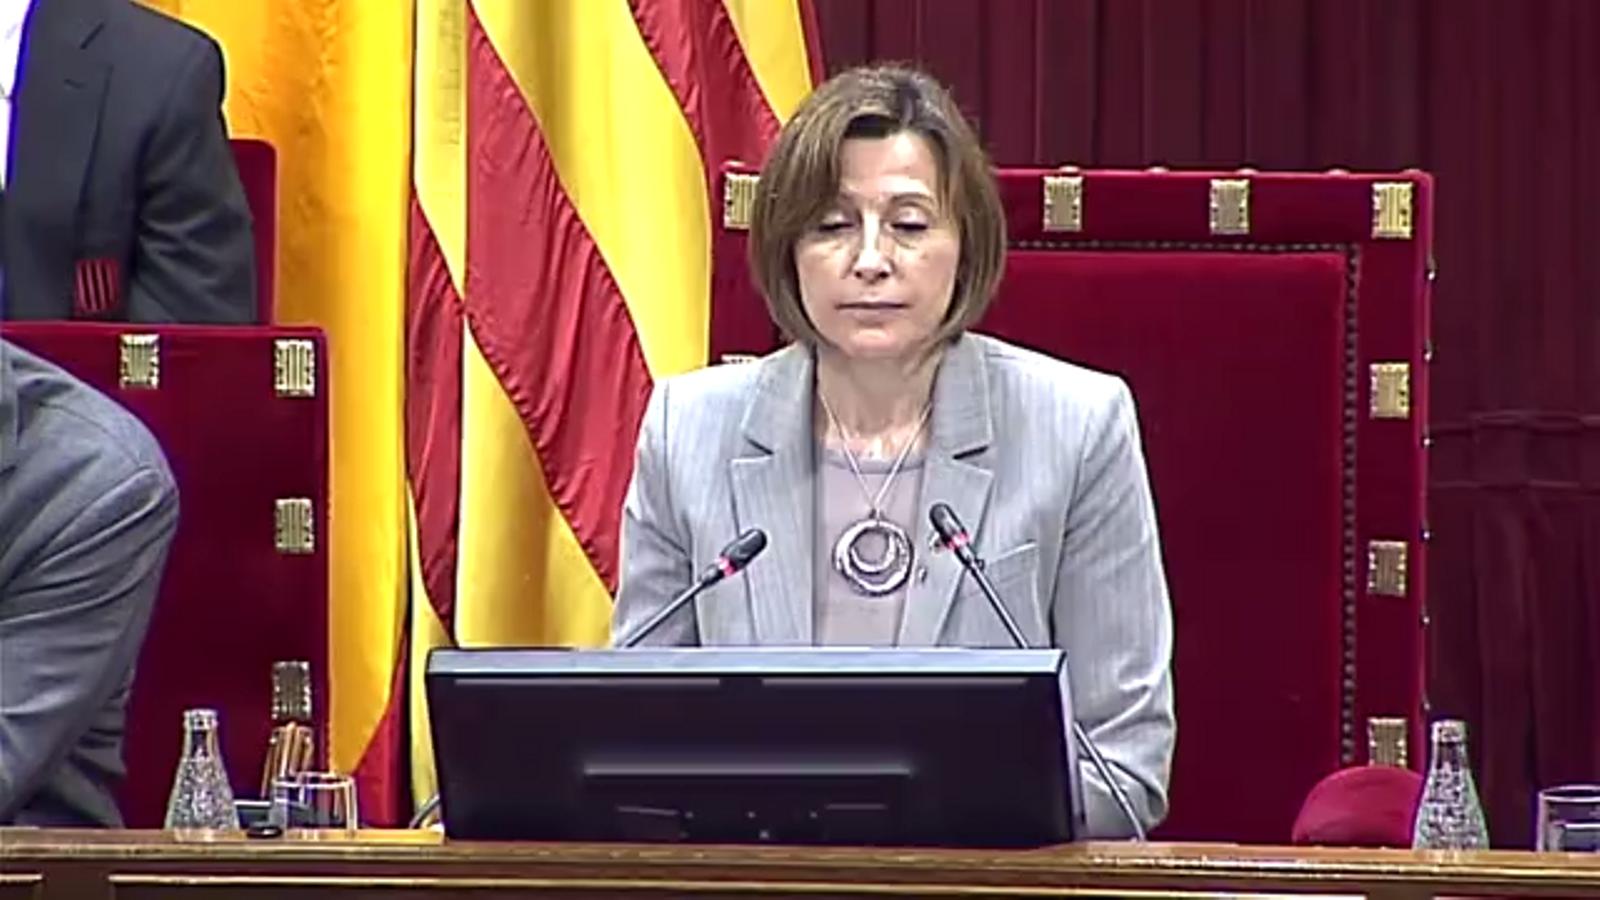 El president de la Generalitat, Carles Puigdemont defensa Llach recordant la seva lluita antifranquista